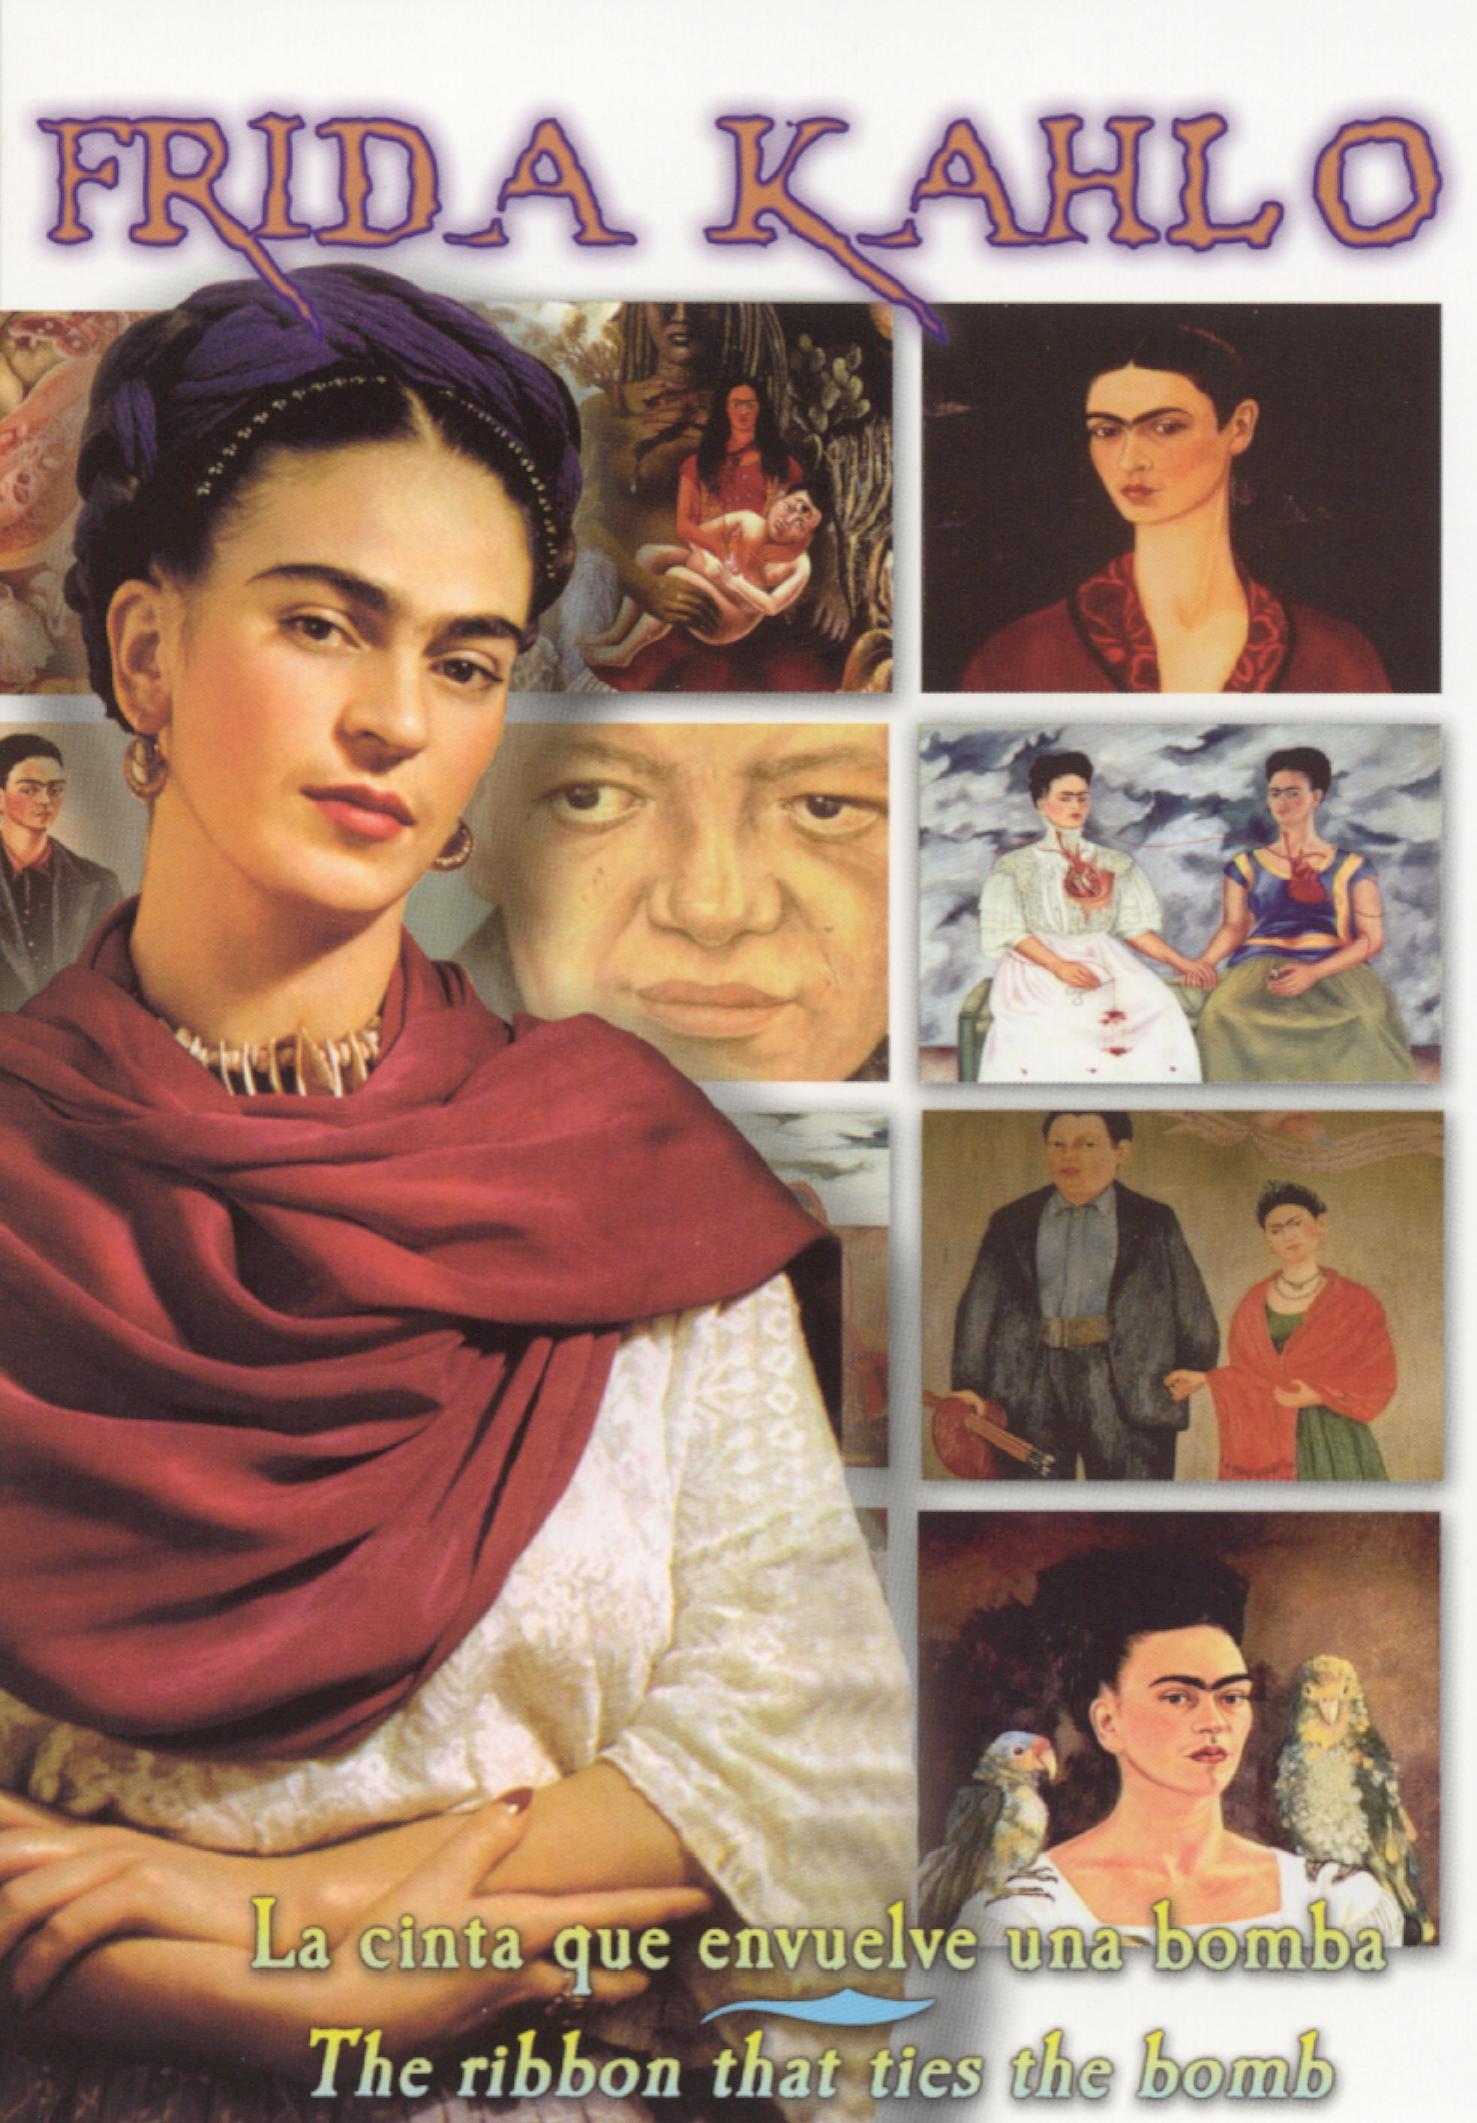 Frida Kahlo: A Ribbon Around a Bomb